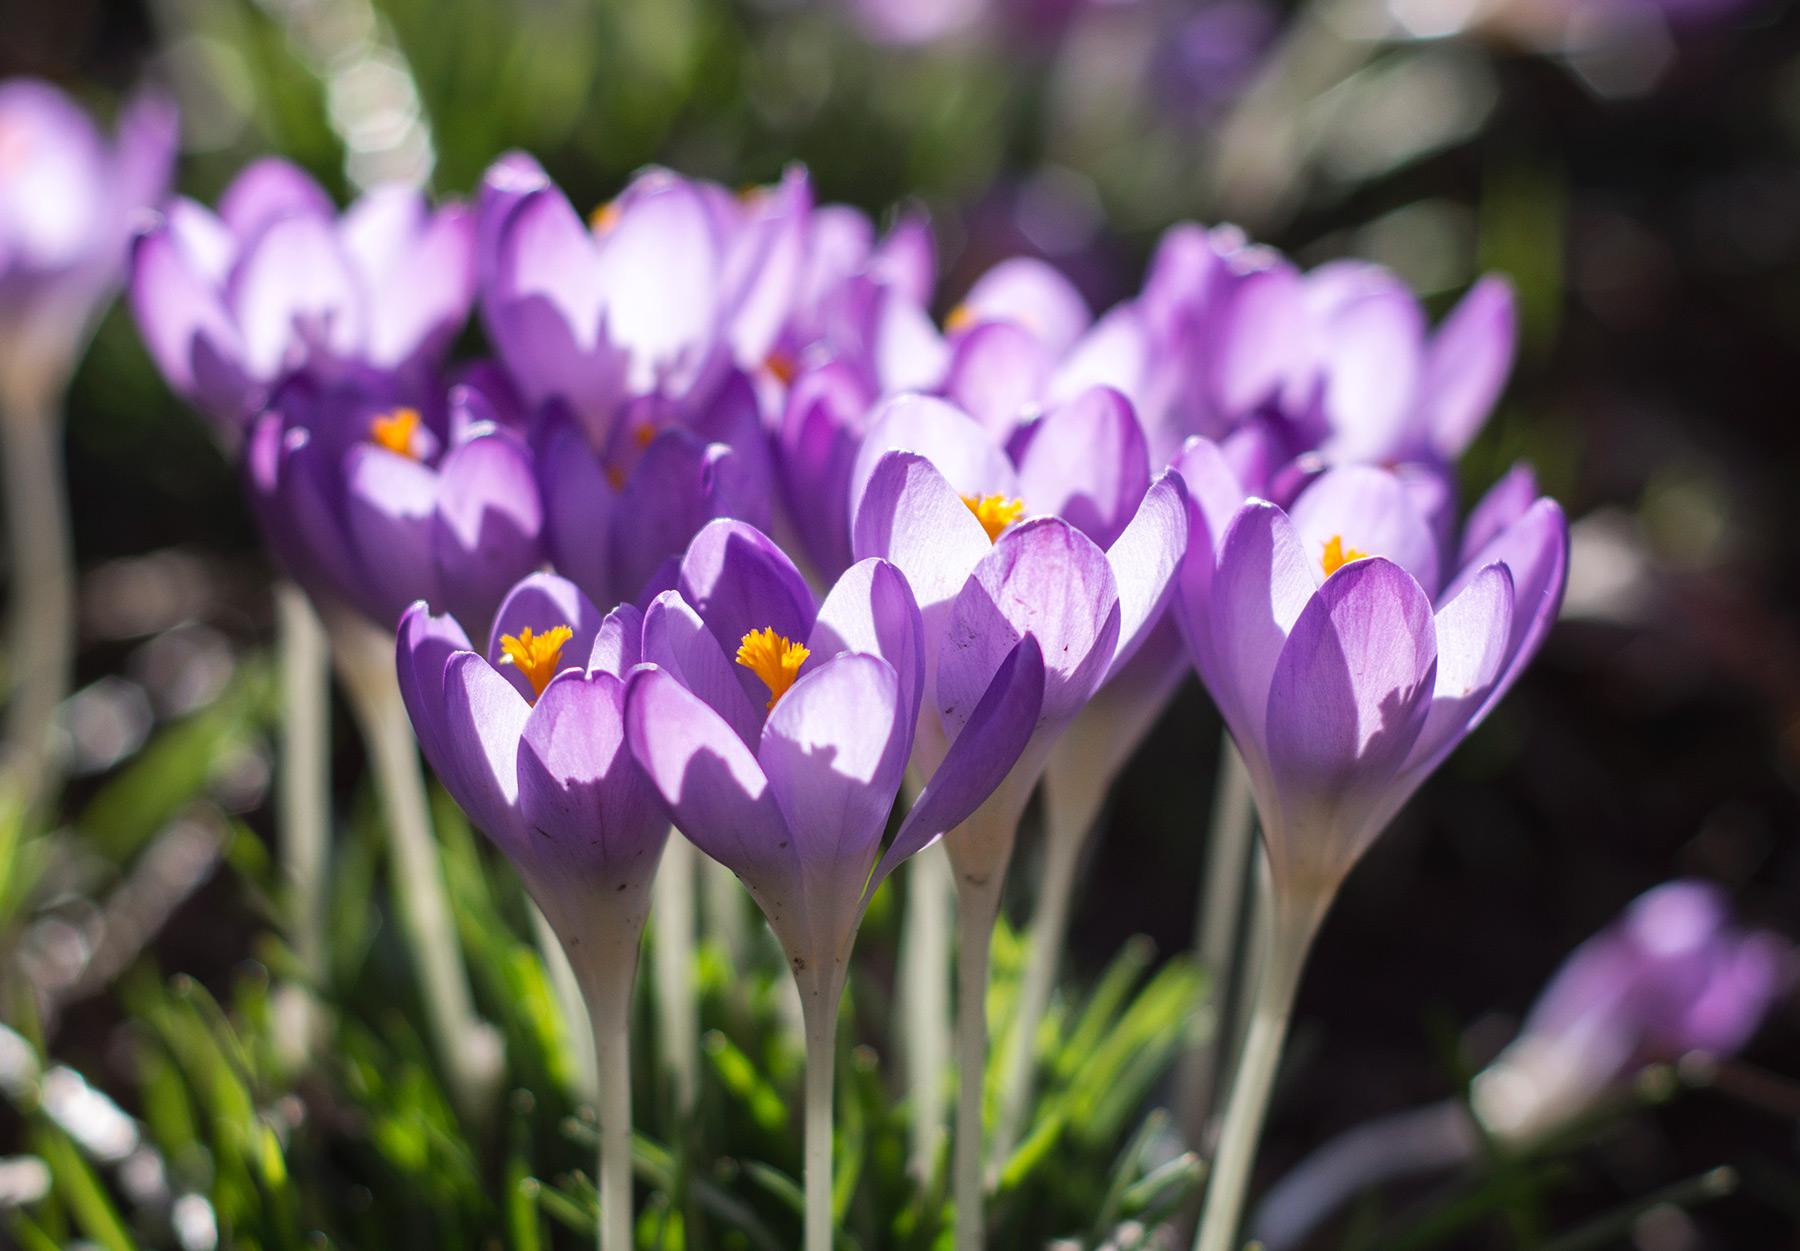 Sunlight on petals